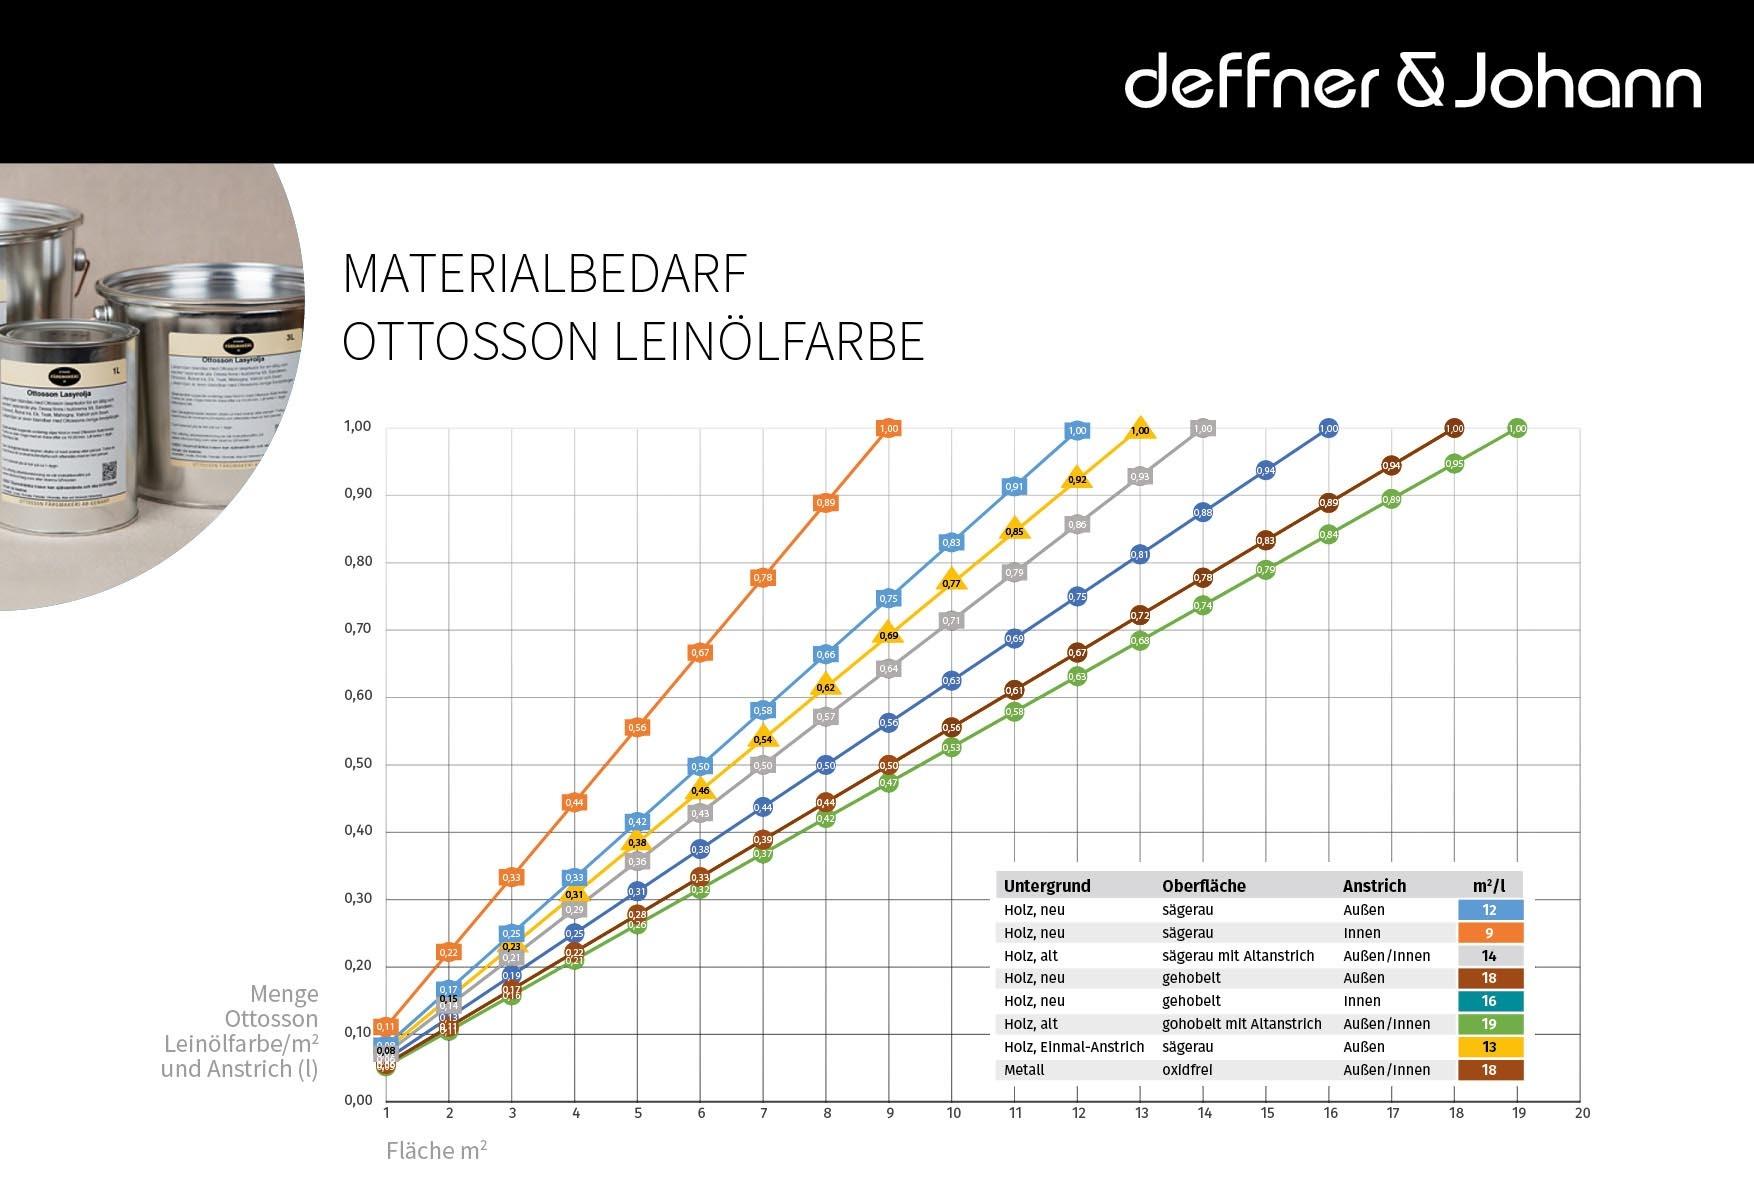 Verbrauch bei der Verwendung von Ottosson Schwedische Leinoelfarben